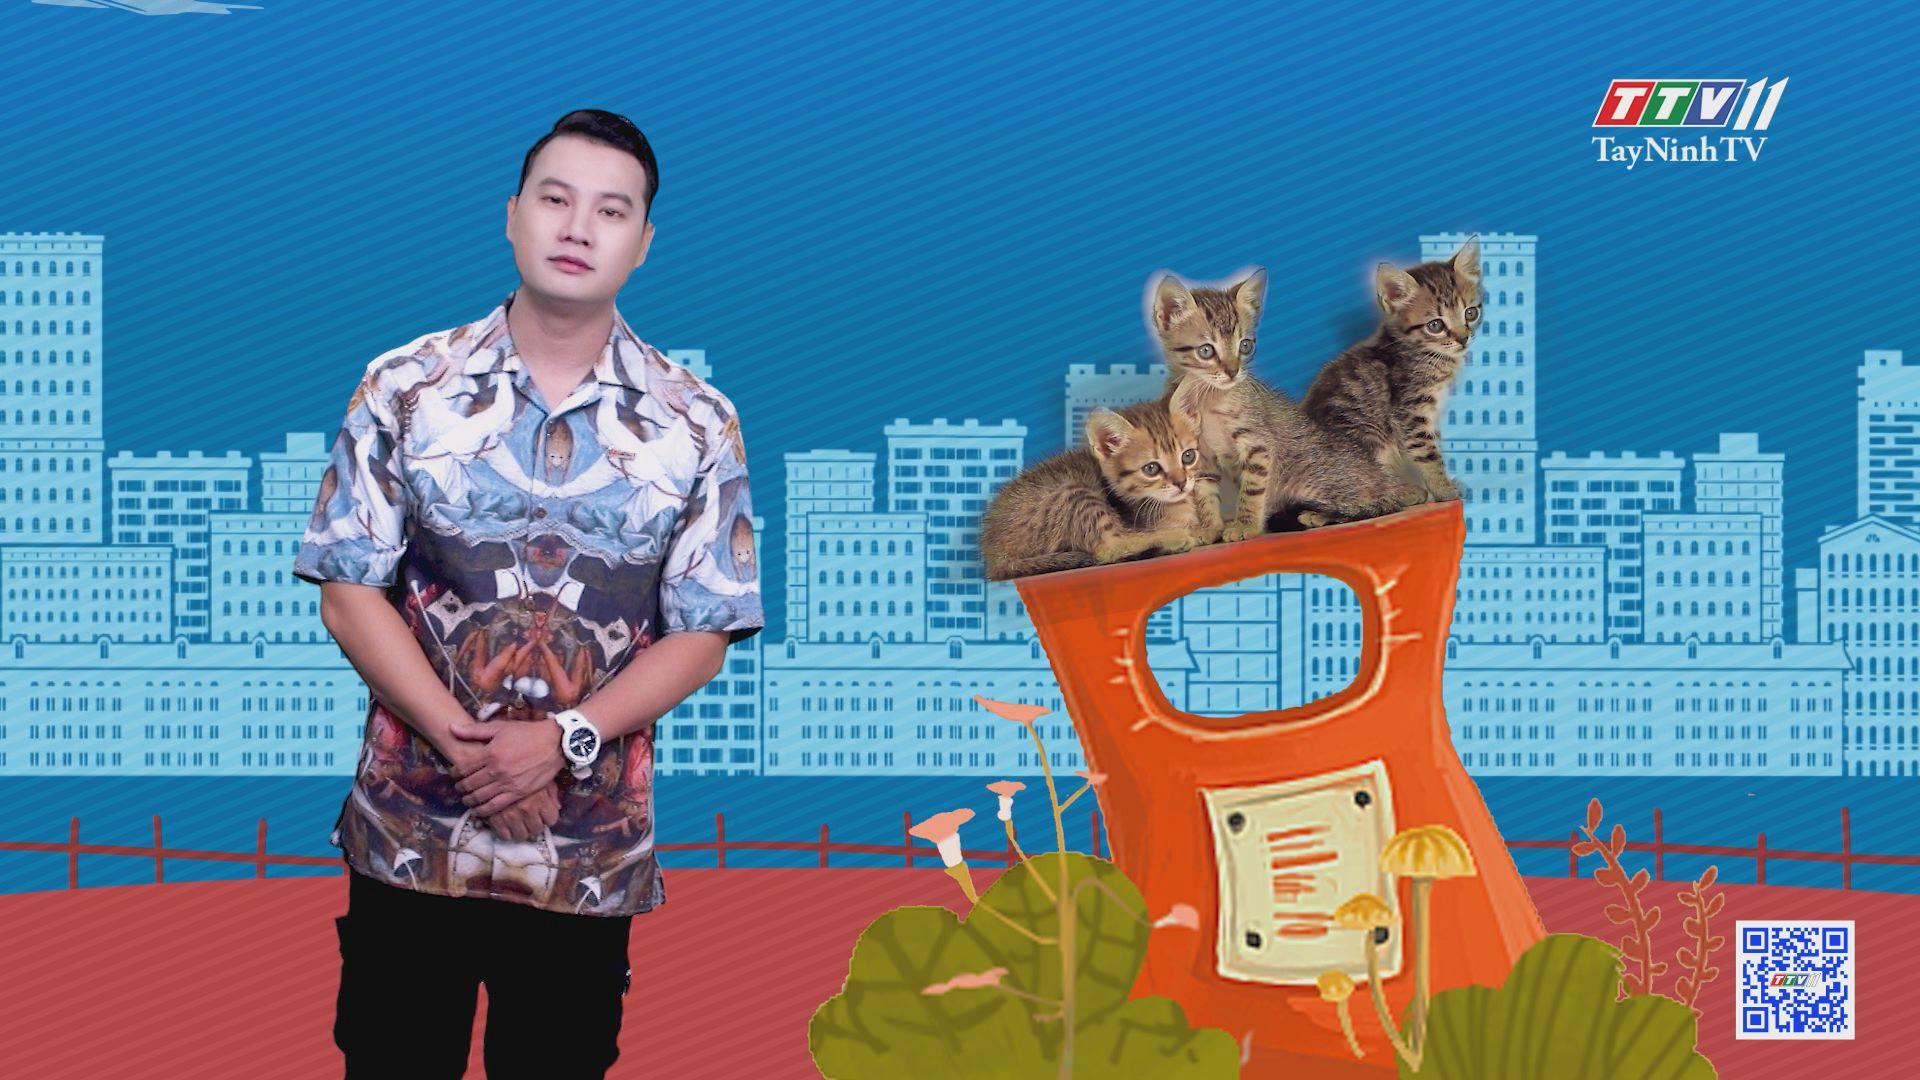 Thiên đường dành cho mèo hoang | CHUYỆN ĐÔNG TÂY KỲ THÚ | TayNinhTV